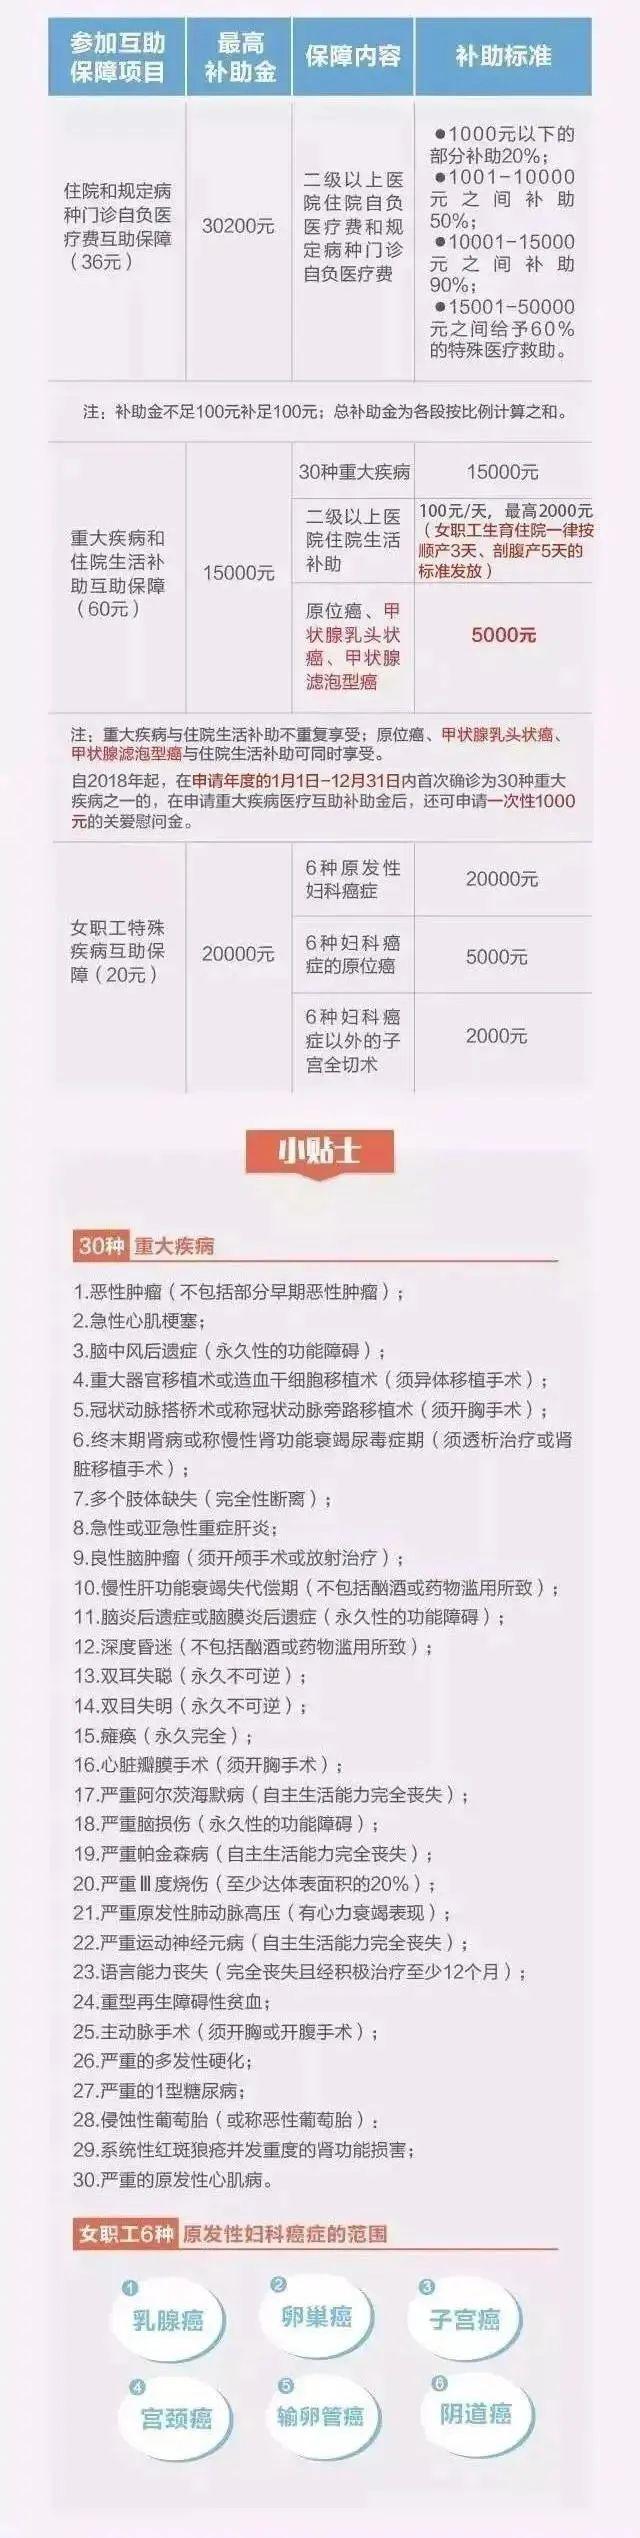 注意啦!2020年度杭州市在职职工医疗互助补助将于3月31日停止申请!